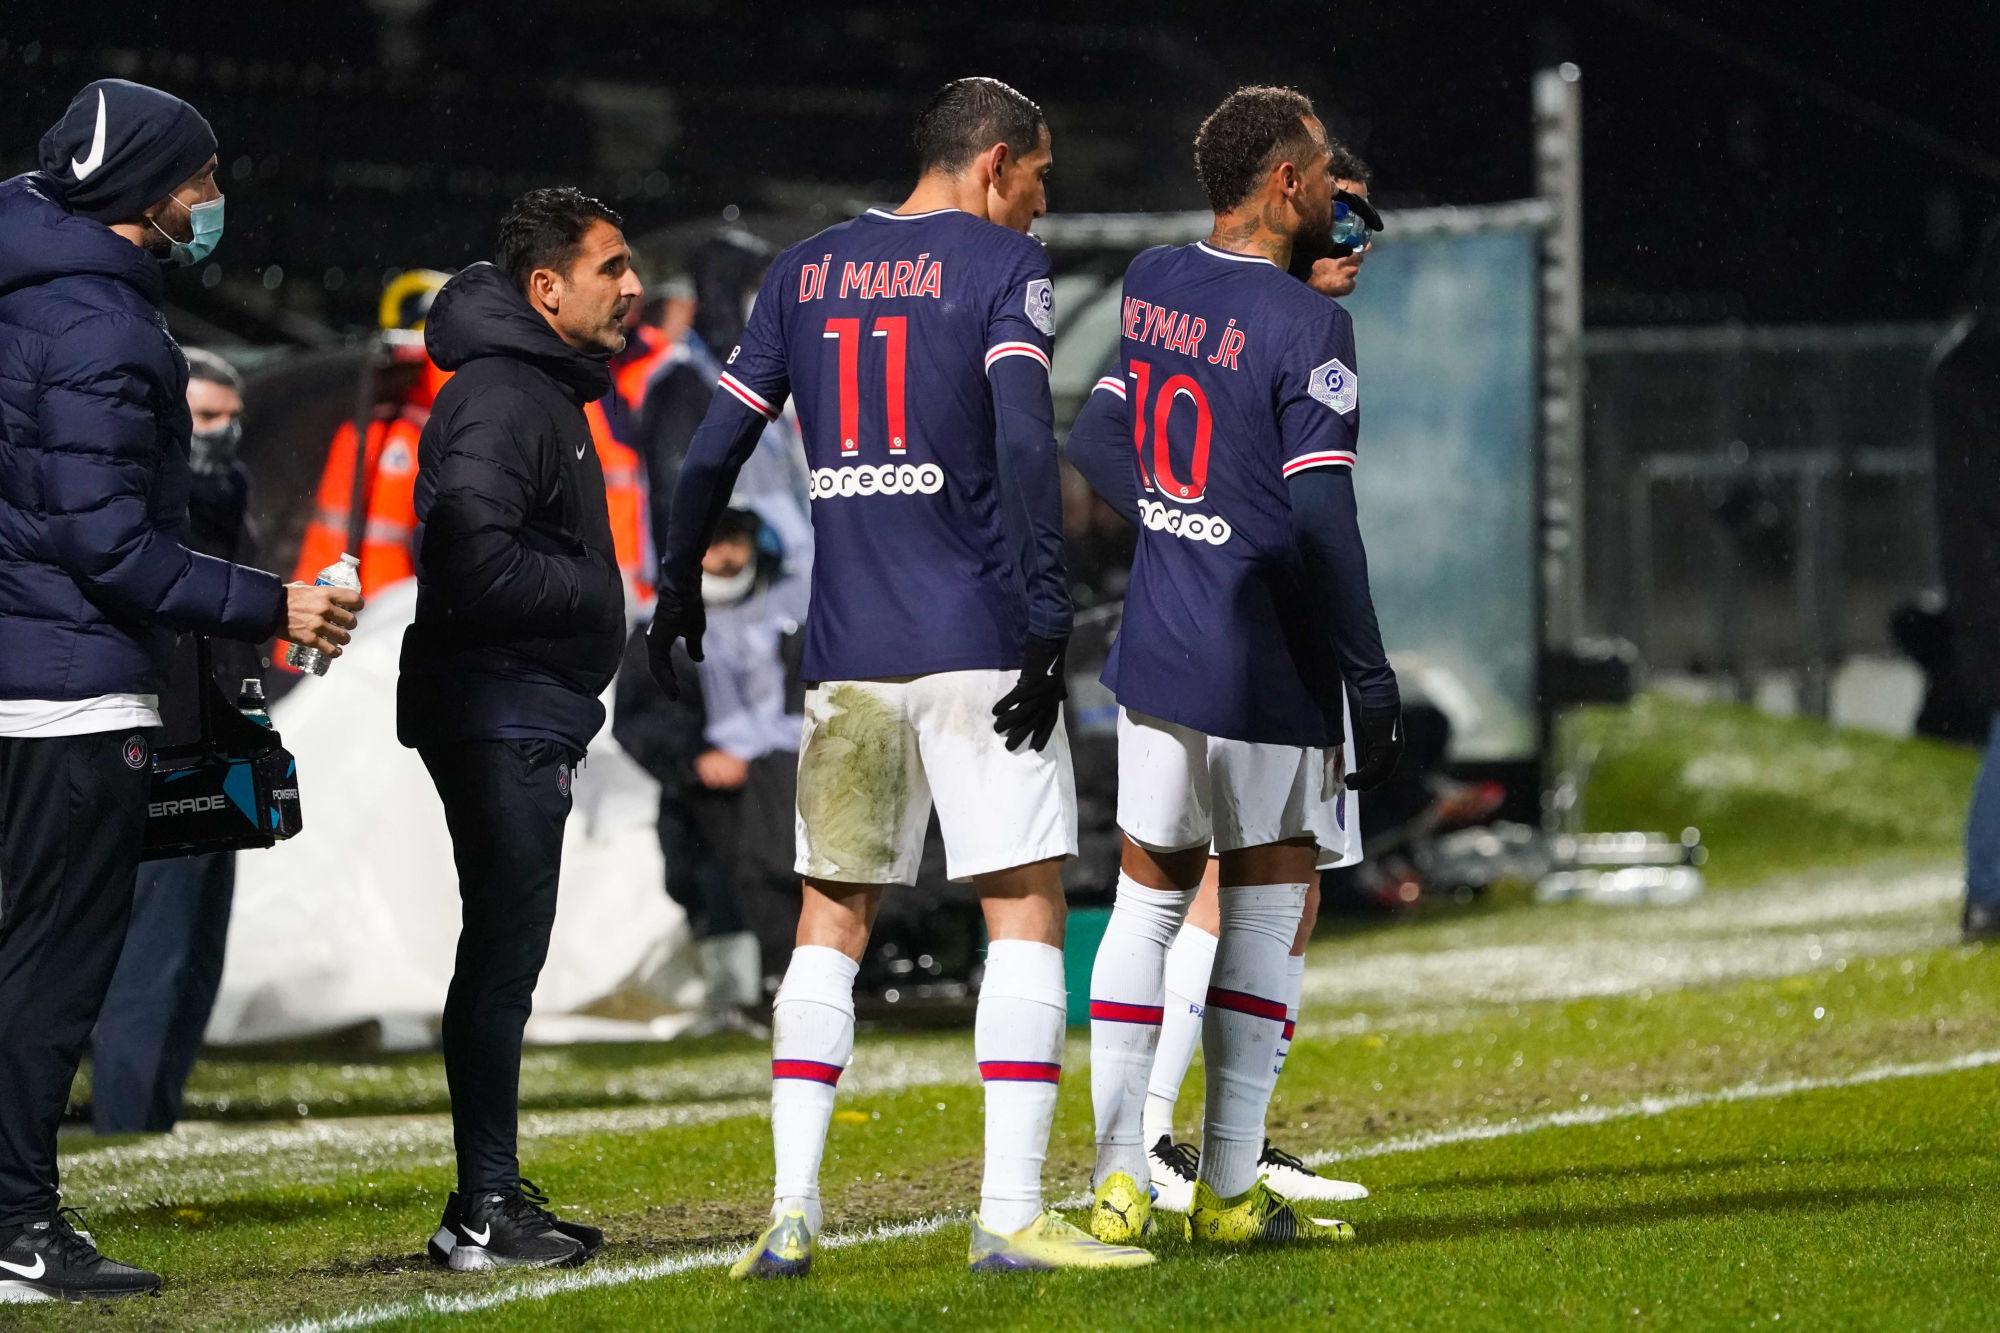 Angers/PSG - Les notes des Parisiens dans la presse : les attaquants n'ont pas la moyenne